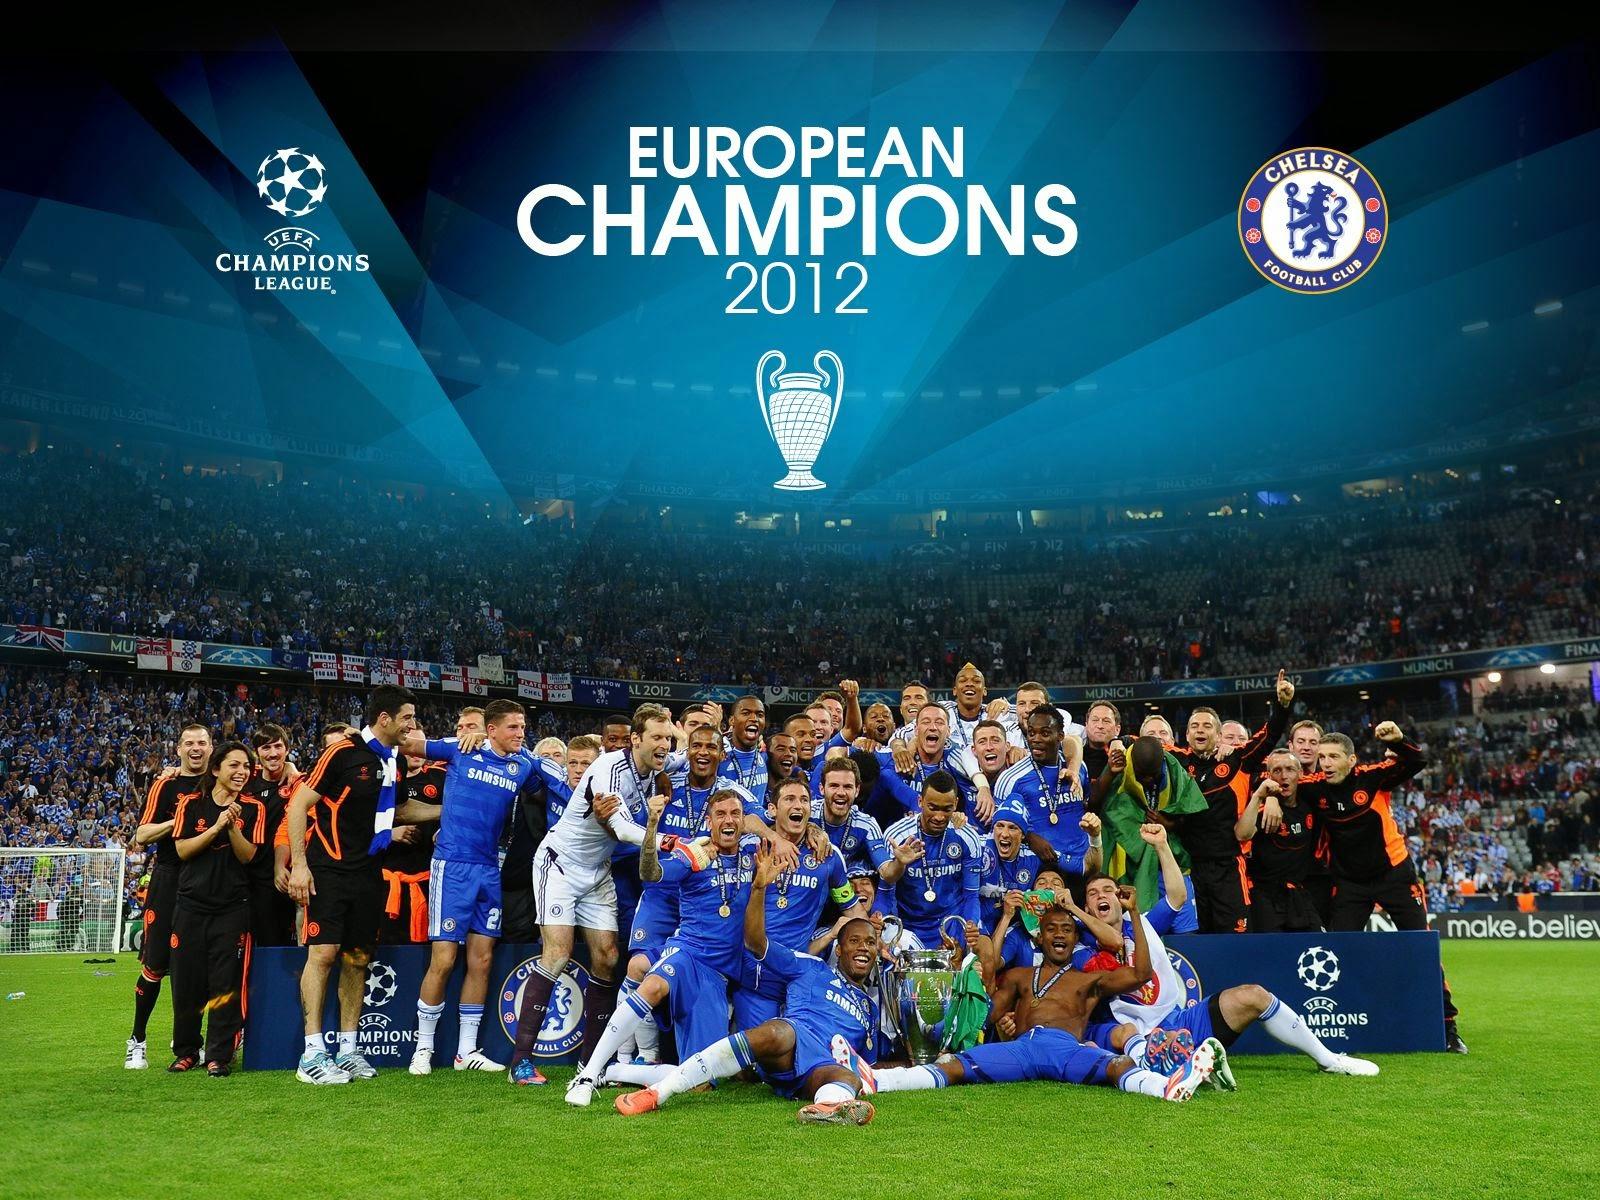 Cl Champions League